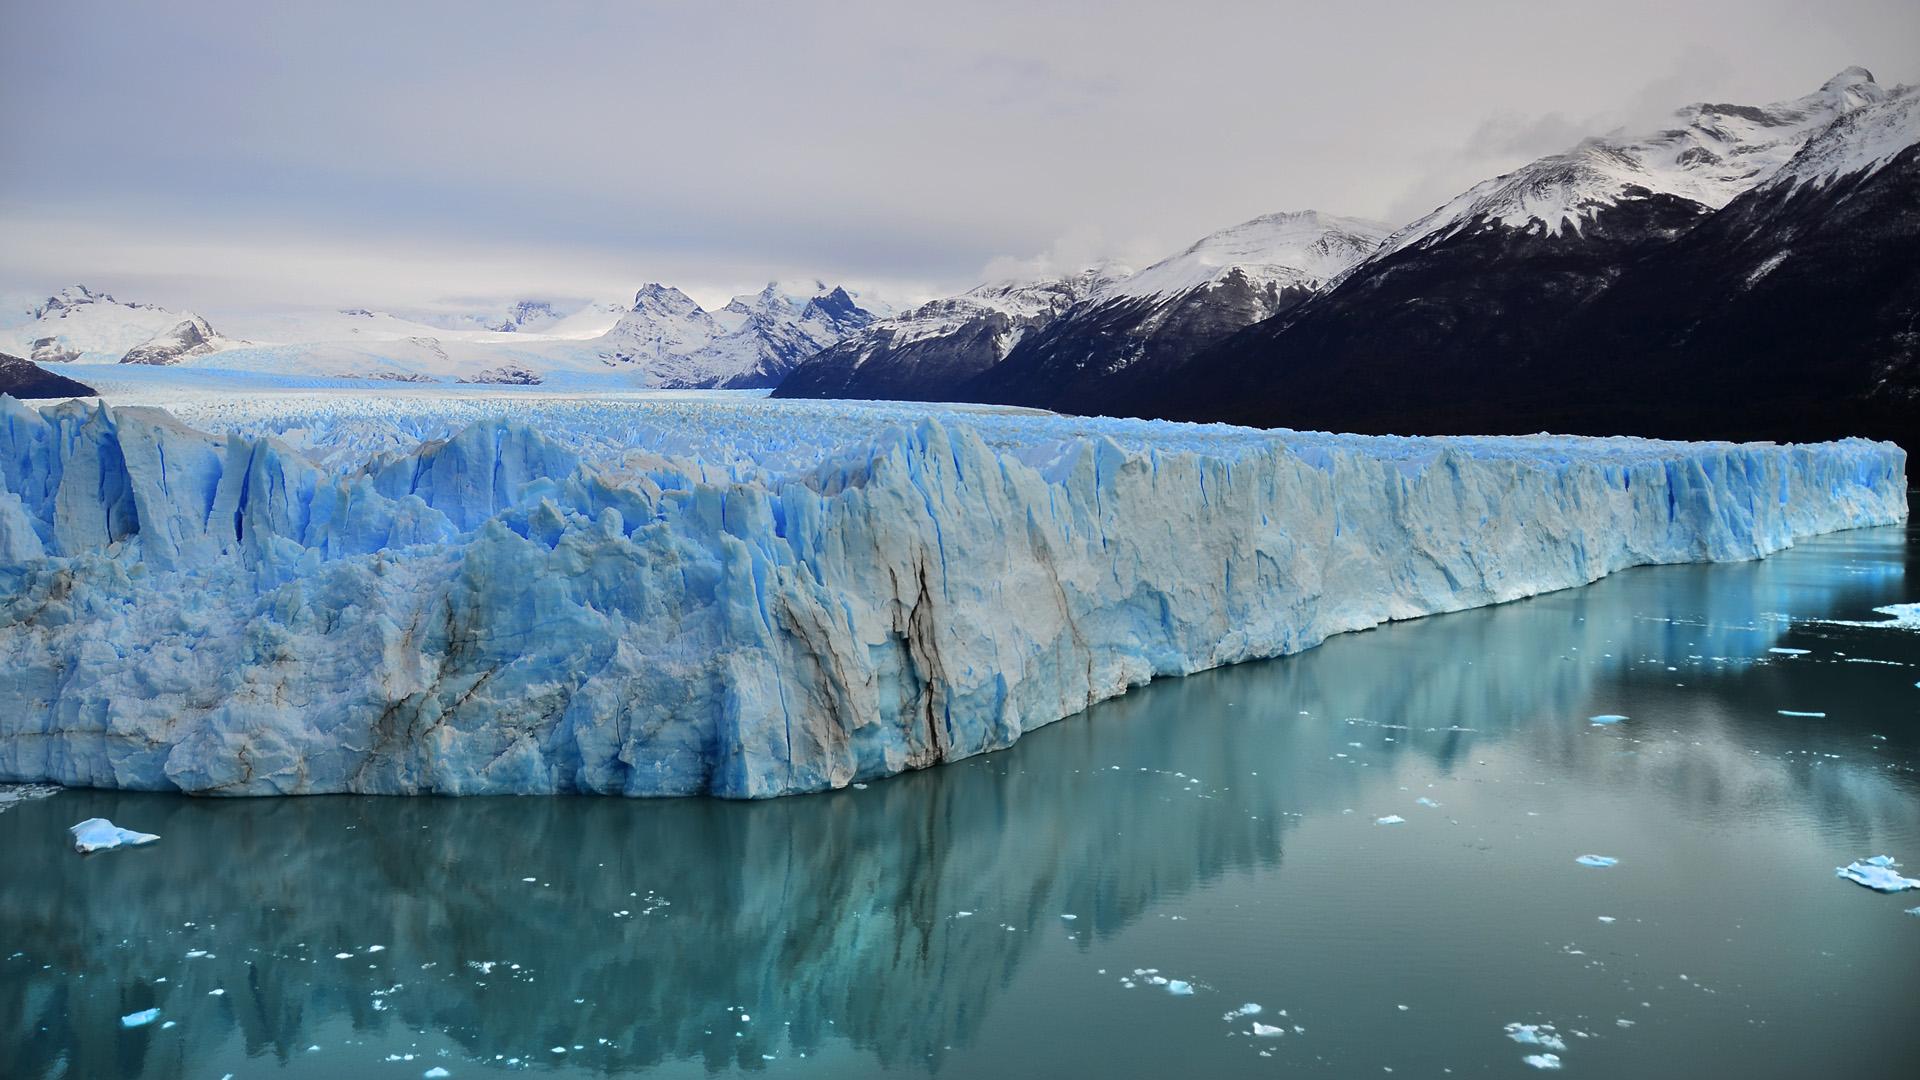 El área de losAndes del Norte de la Patagonia se extiende desde la cuenca del río Neuquén hasta las cuencas de los ríos Simpson, Senguerr y Chico en la provincia de Santa Cruz (foto del Glaciar Perito Moreno)